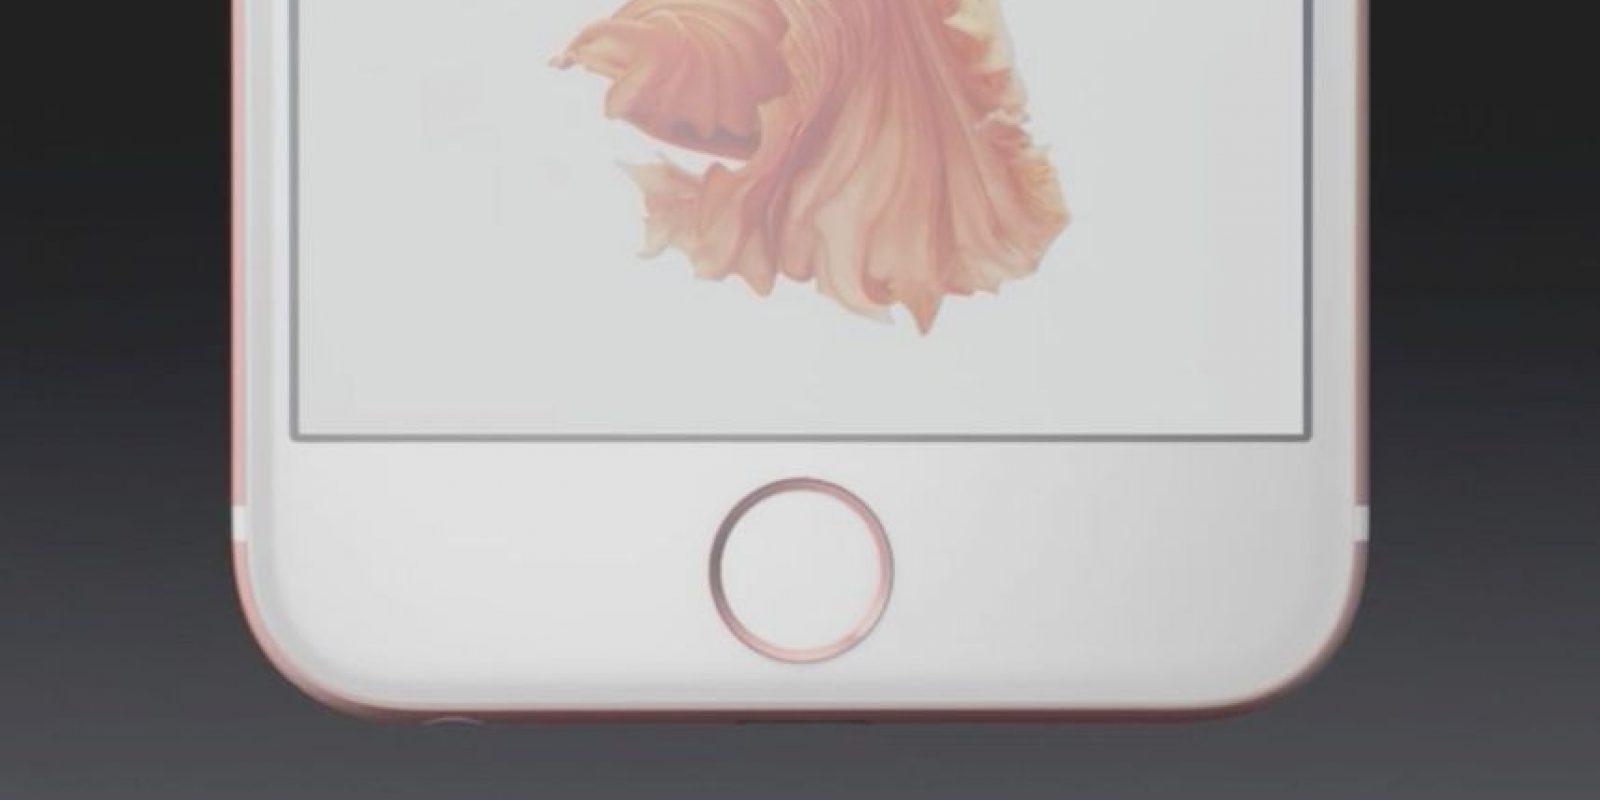 Usuarios dicen que el Touch ID es muy rápido. Foto:Apple